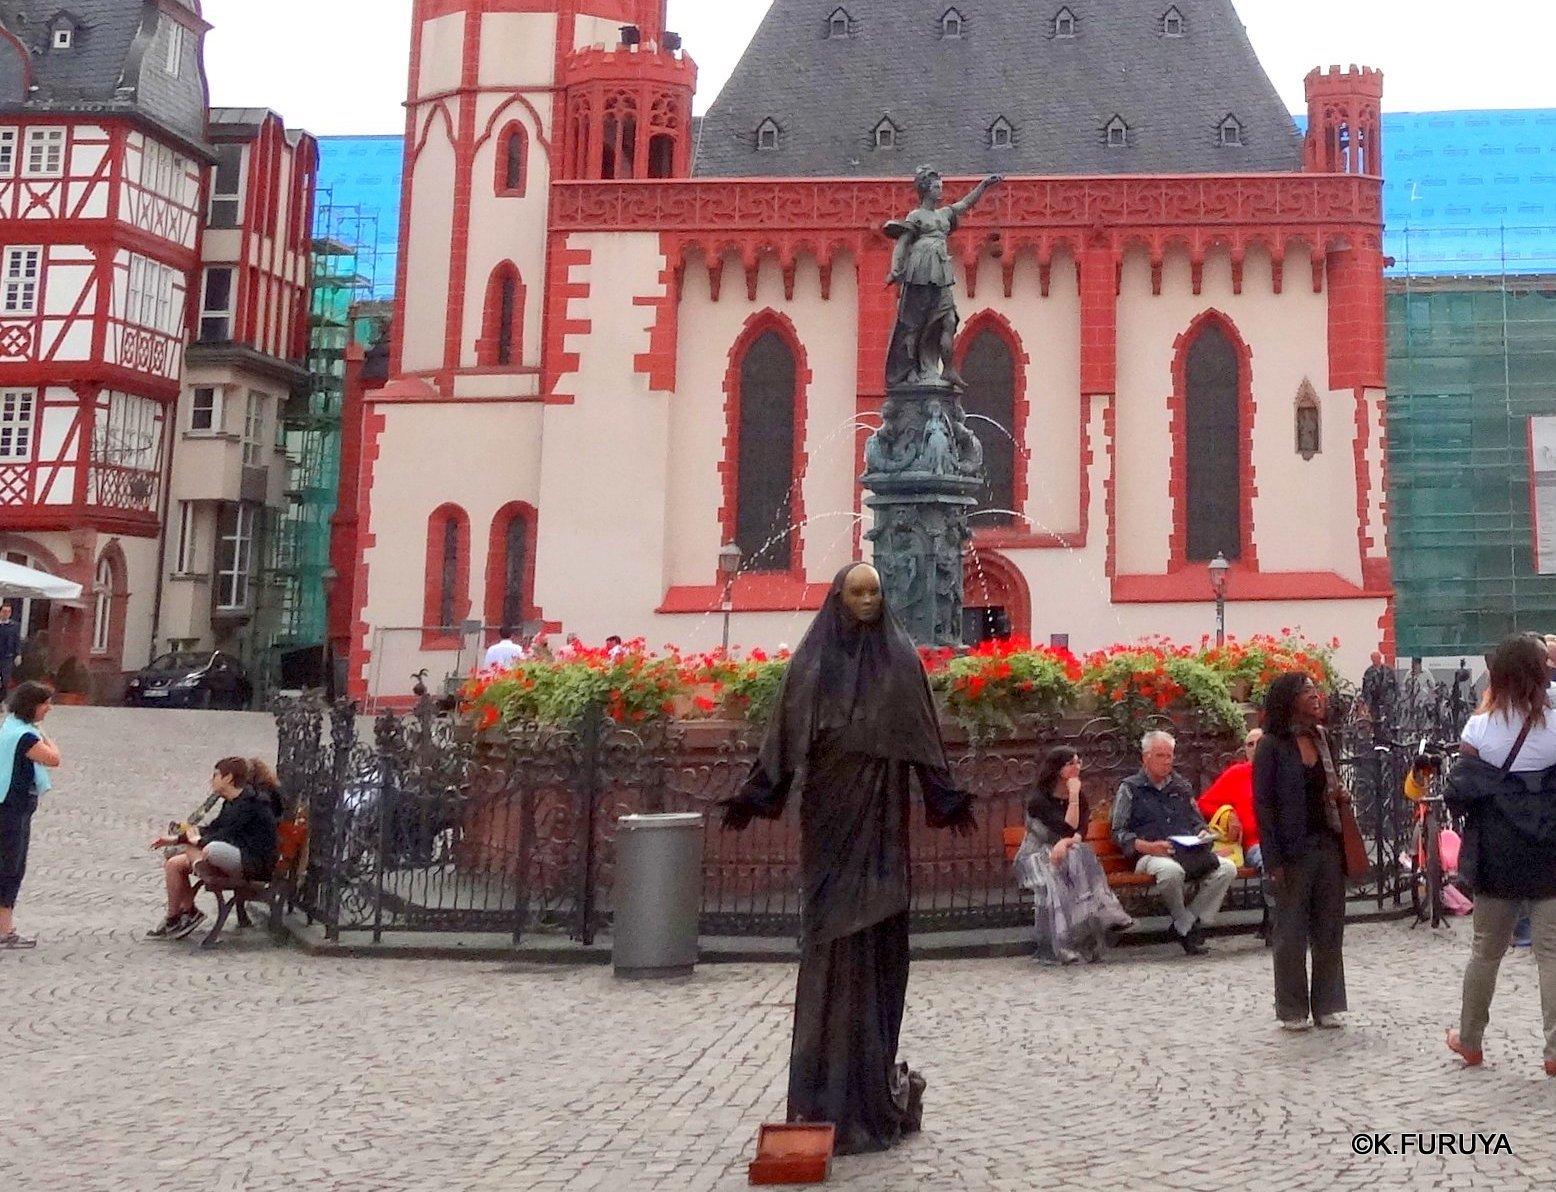 ドイツ9日間の旅 27 フランクフルト・レーマー広場_a0092659_18305570.jpg